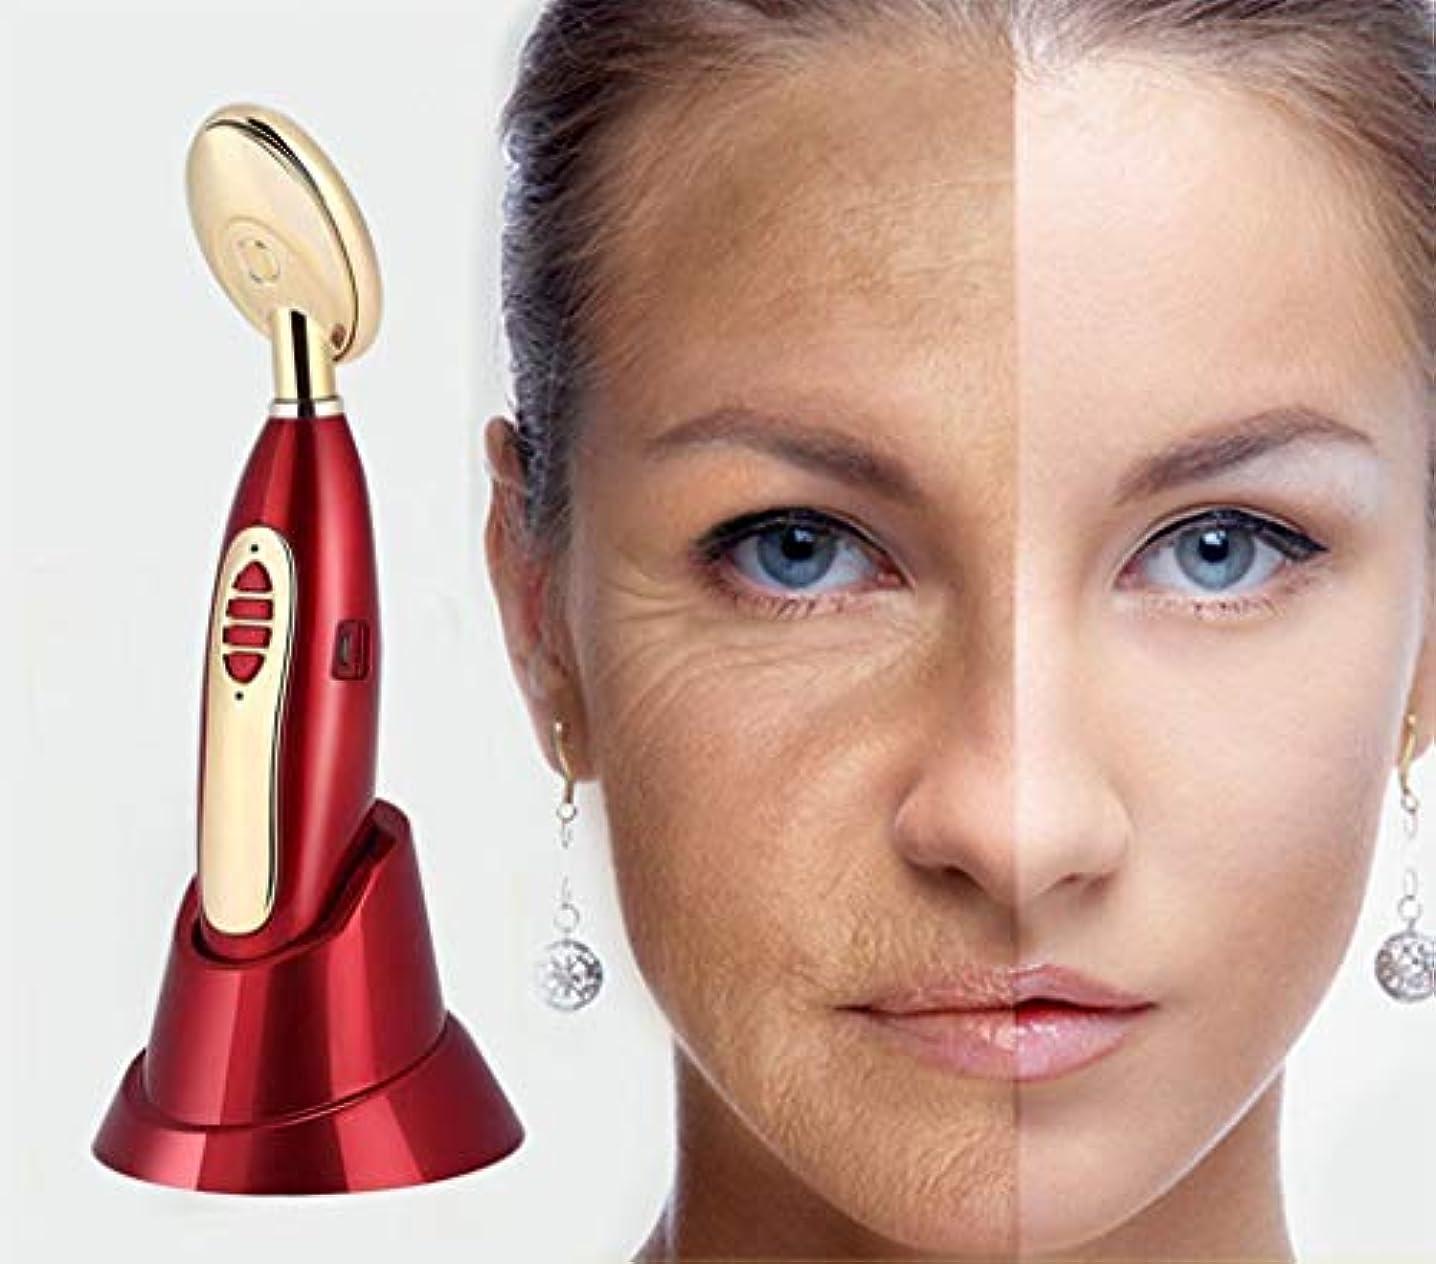 妊娠した清めるロッド美容機器電気顔と目の皮膚引き締め機負イオンスキンエッセンス振動マッサージ USB しわ除去デバイス美容機器暗い円を削除します。